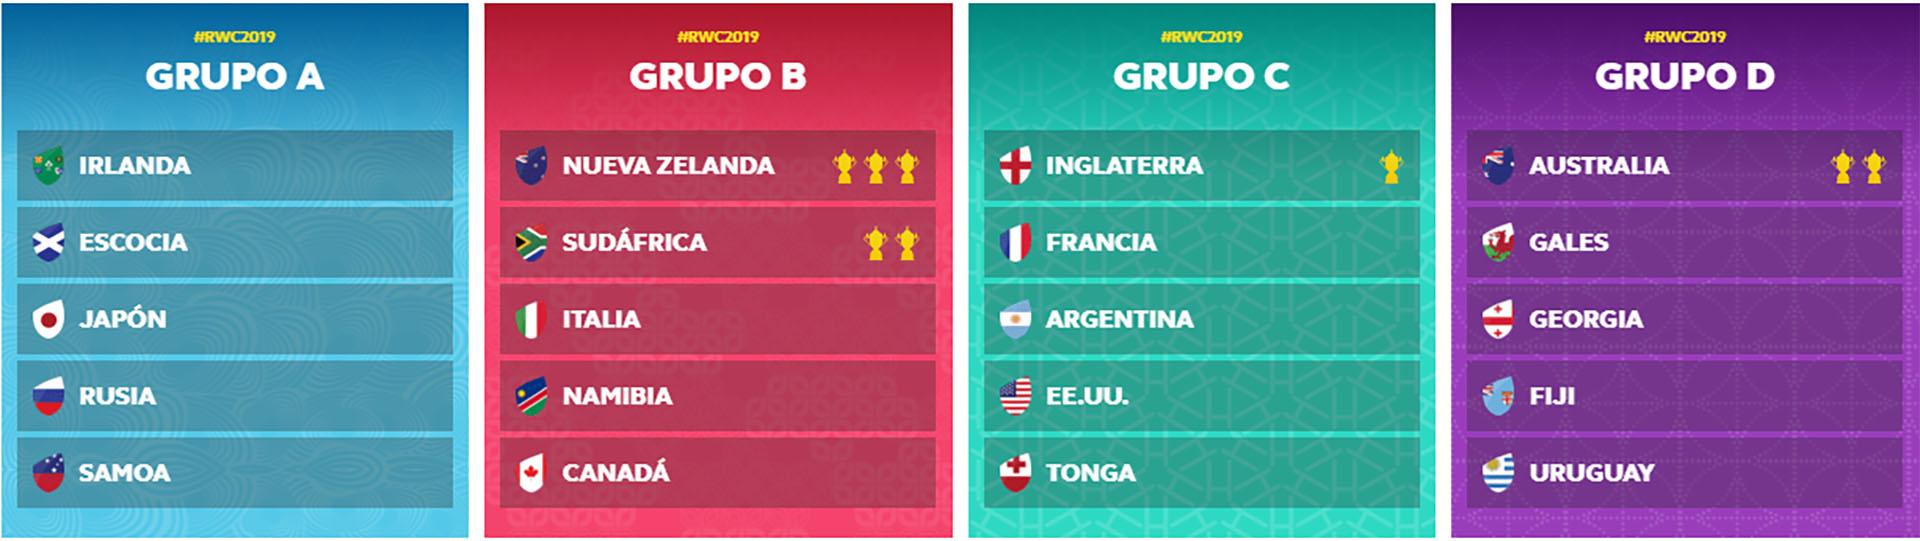 Así están conformados los cuatro grupos del Mundial de Japón